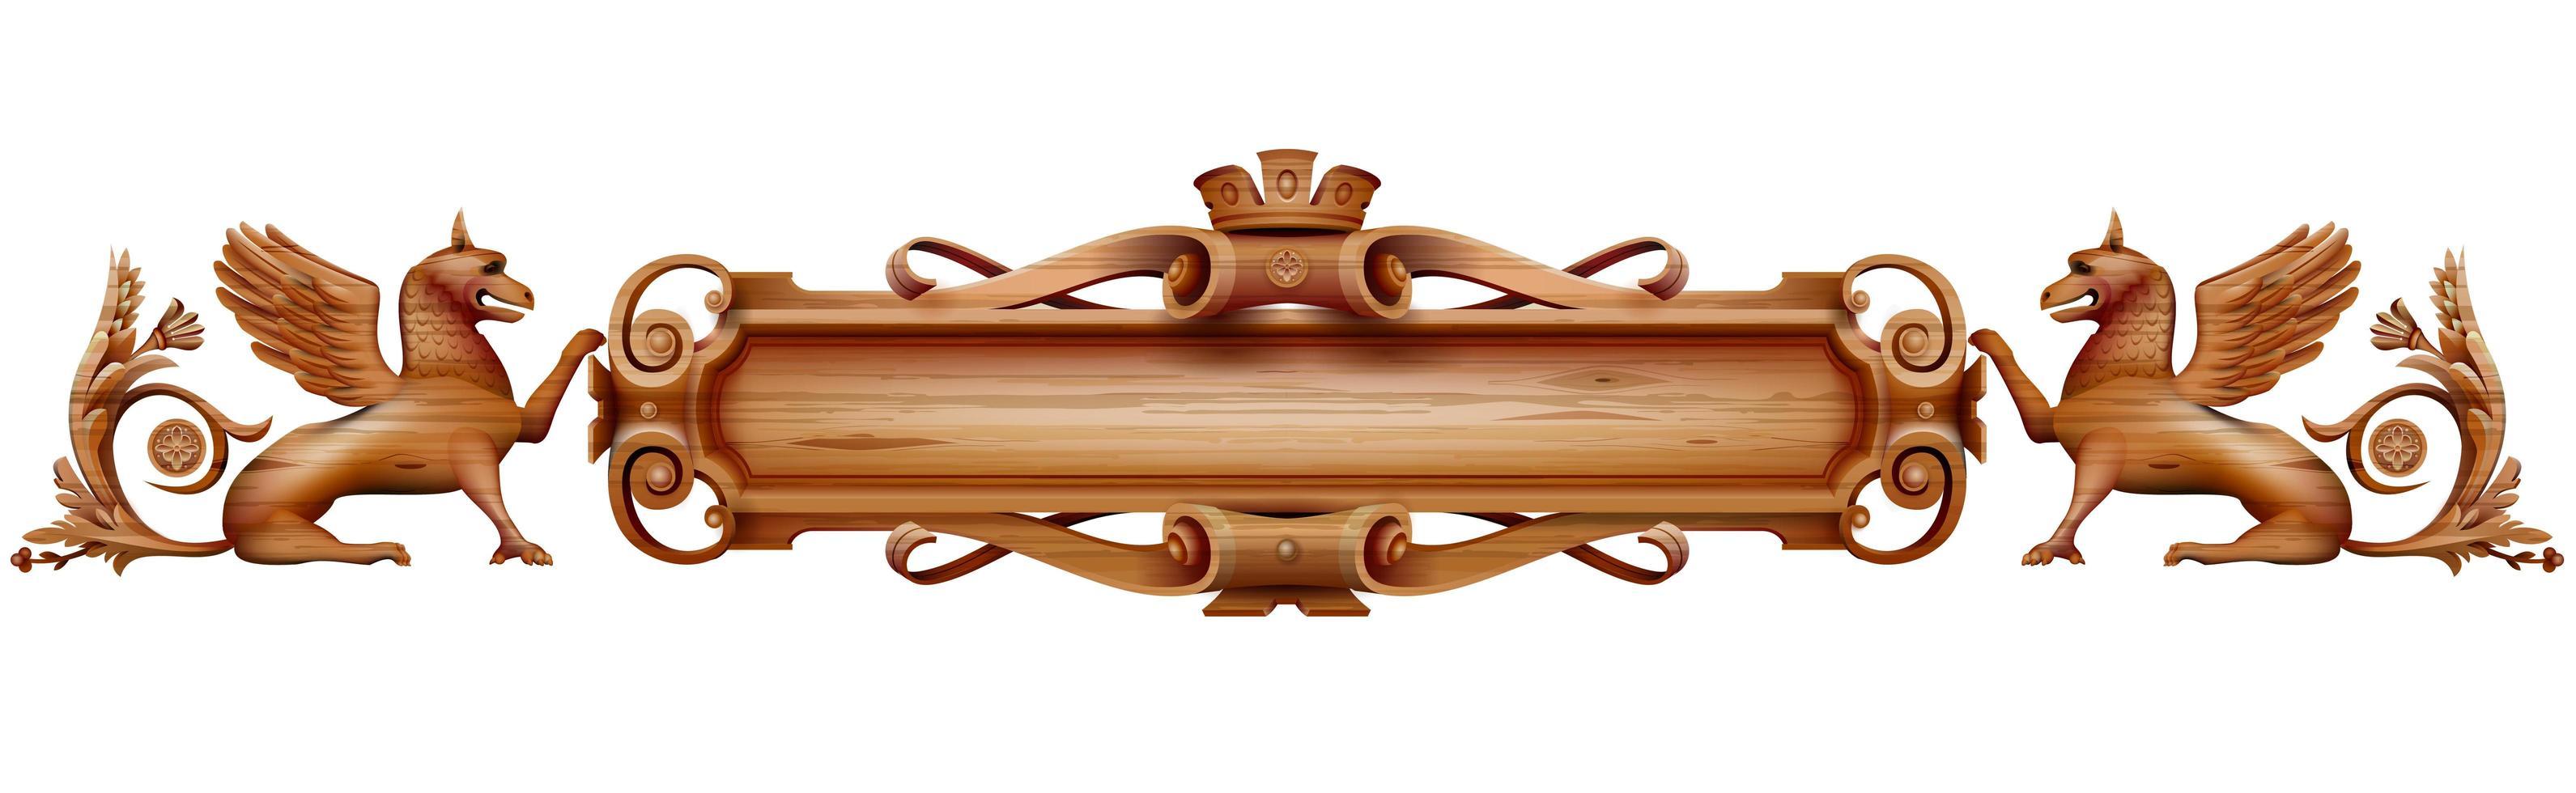 antiker Holzteller mit Löwen vektor